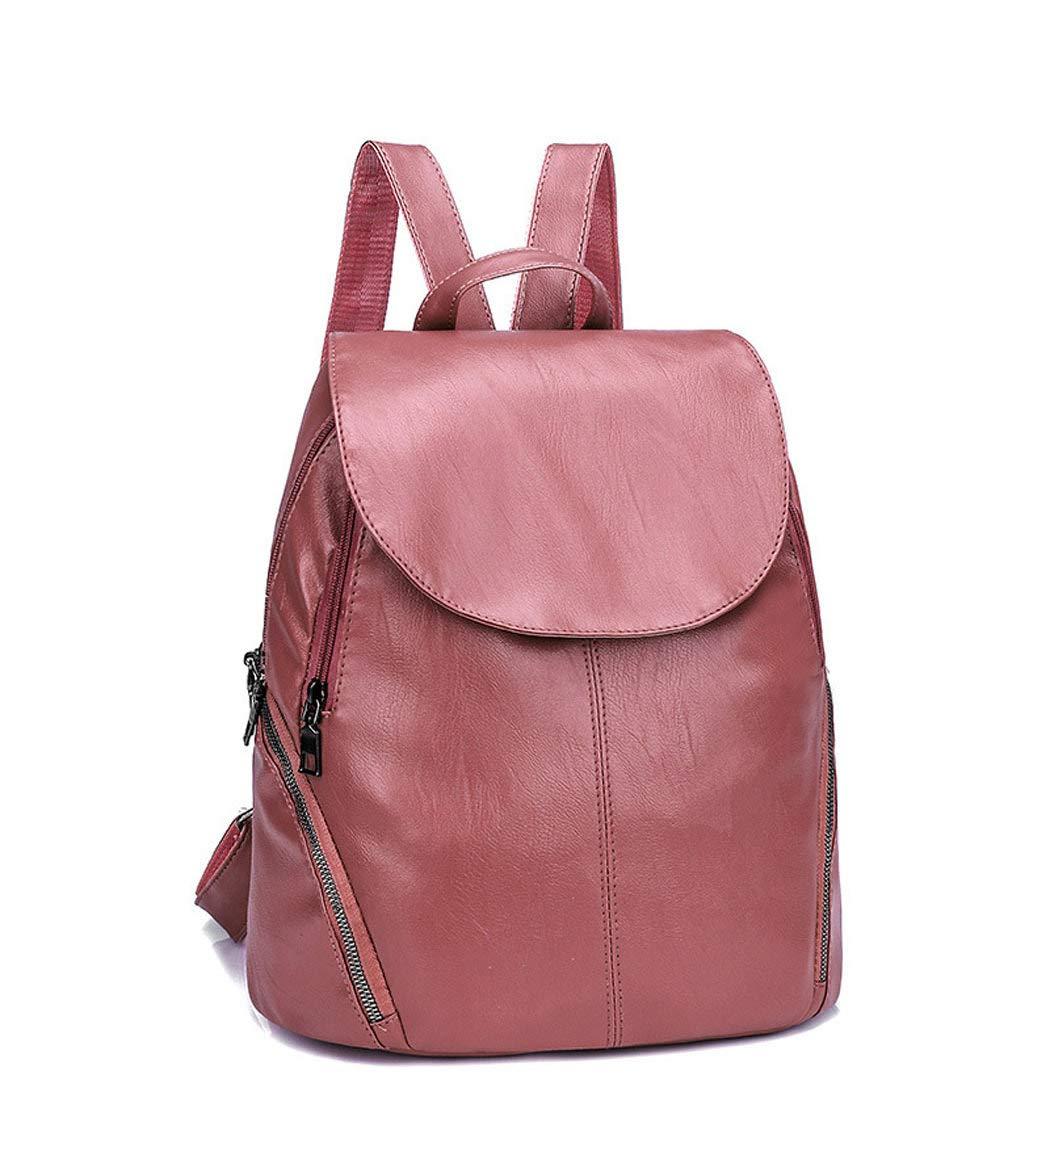 DEERWORD Mujer Bolsos mochila Bolsas escolares Bolsos bandolera Shoppers y bolsos de hombro Cuero de PU Gris: Amazon.es: Equipaje